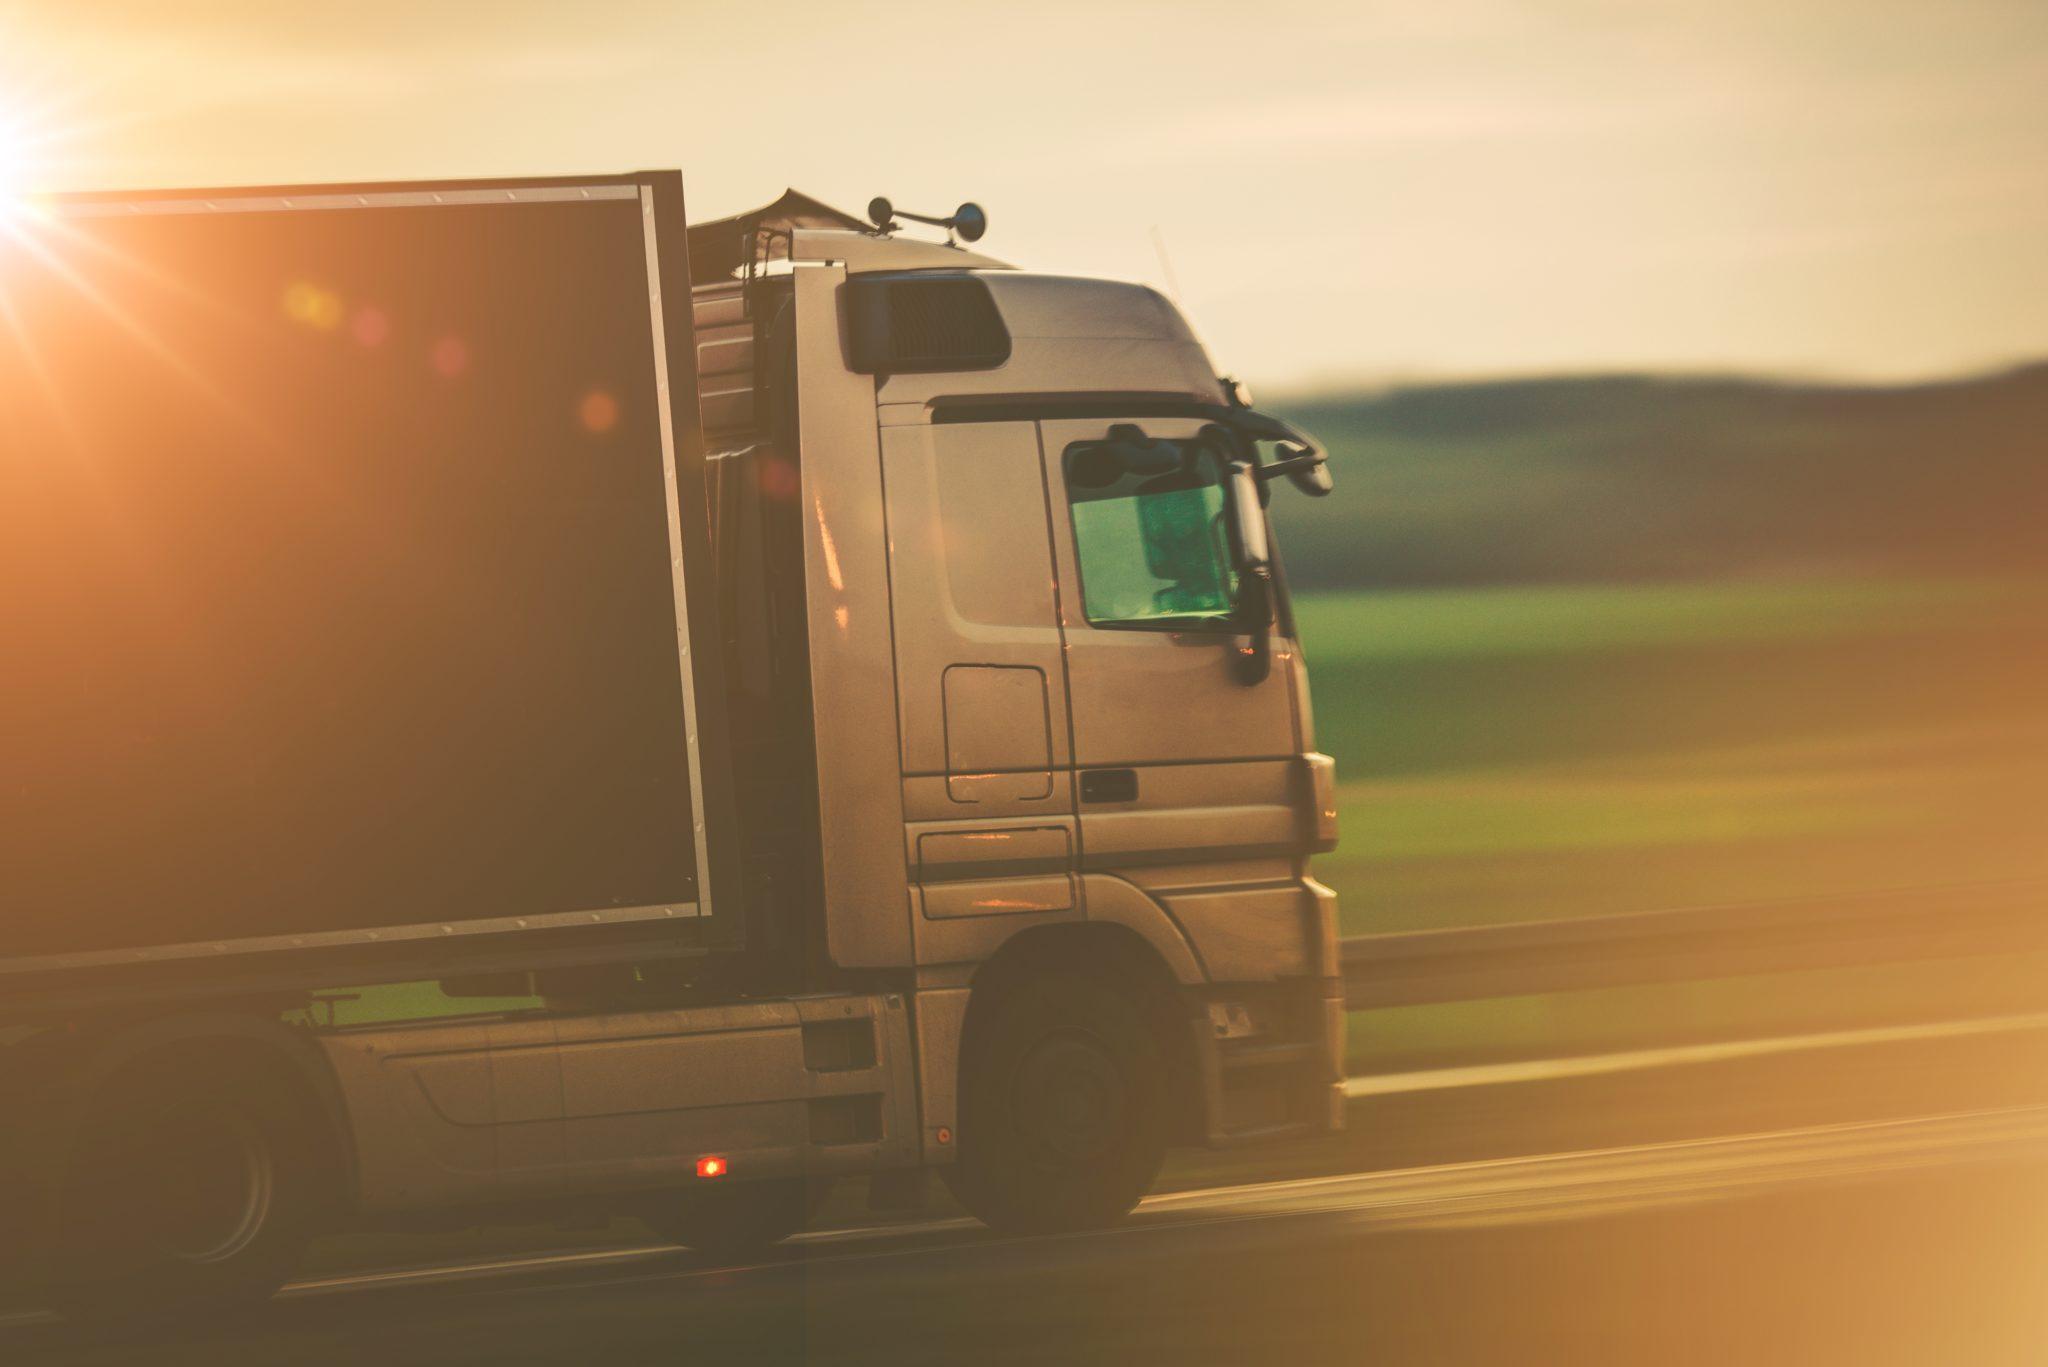 Poluição cai 78% durante greve dos caminhoneiros